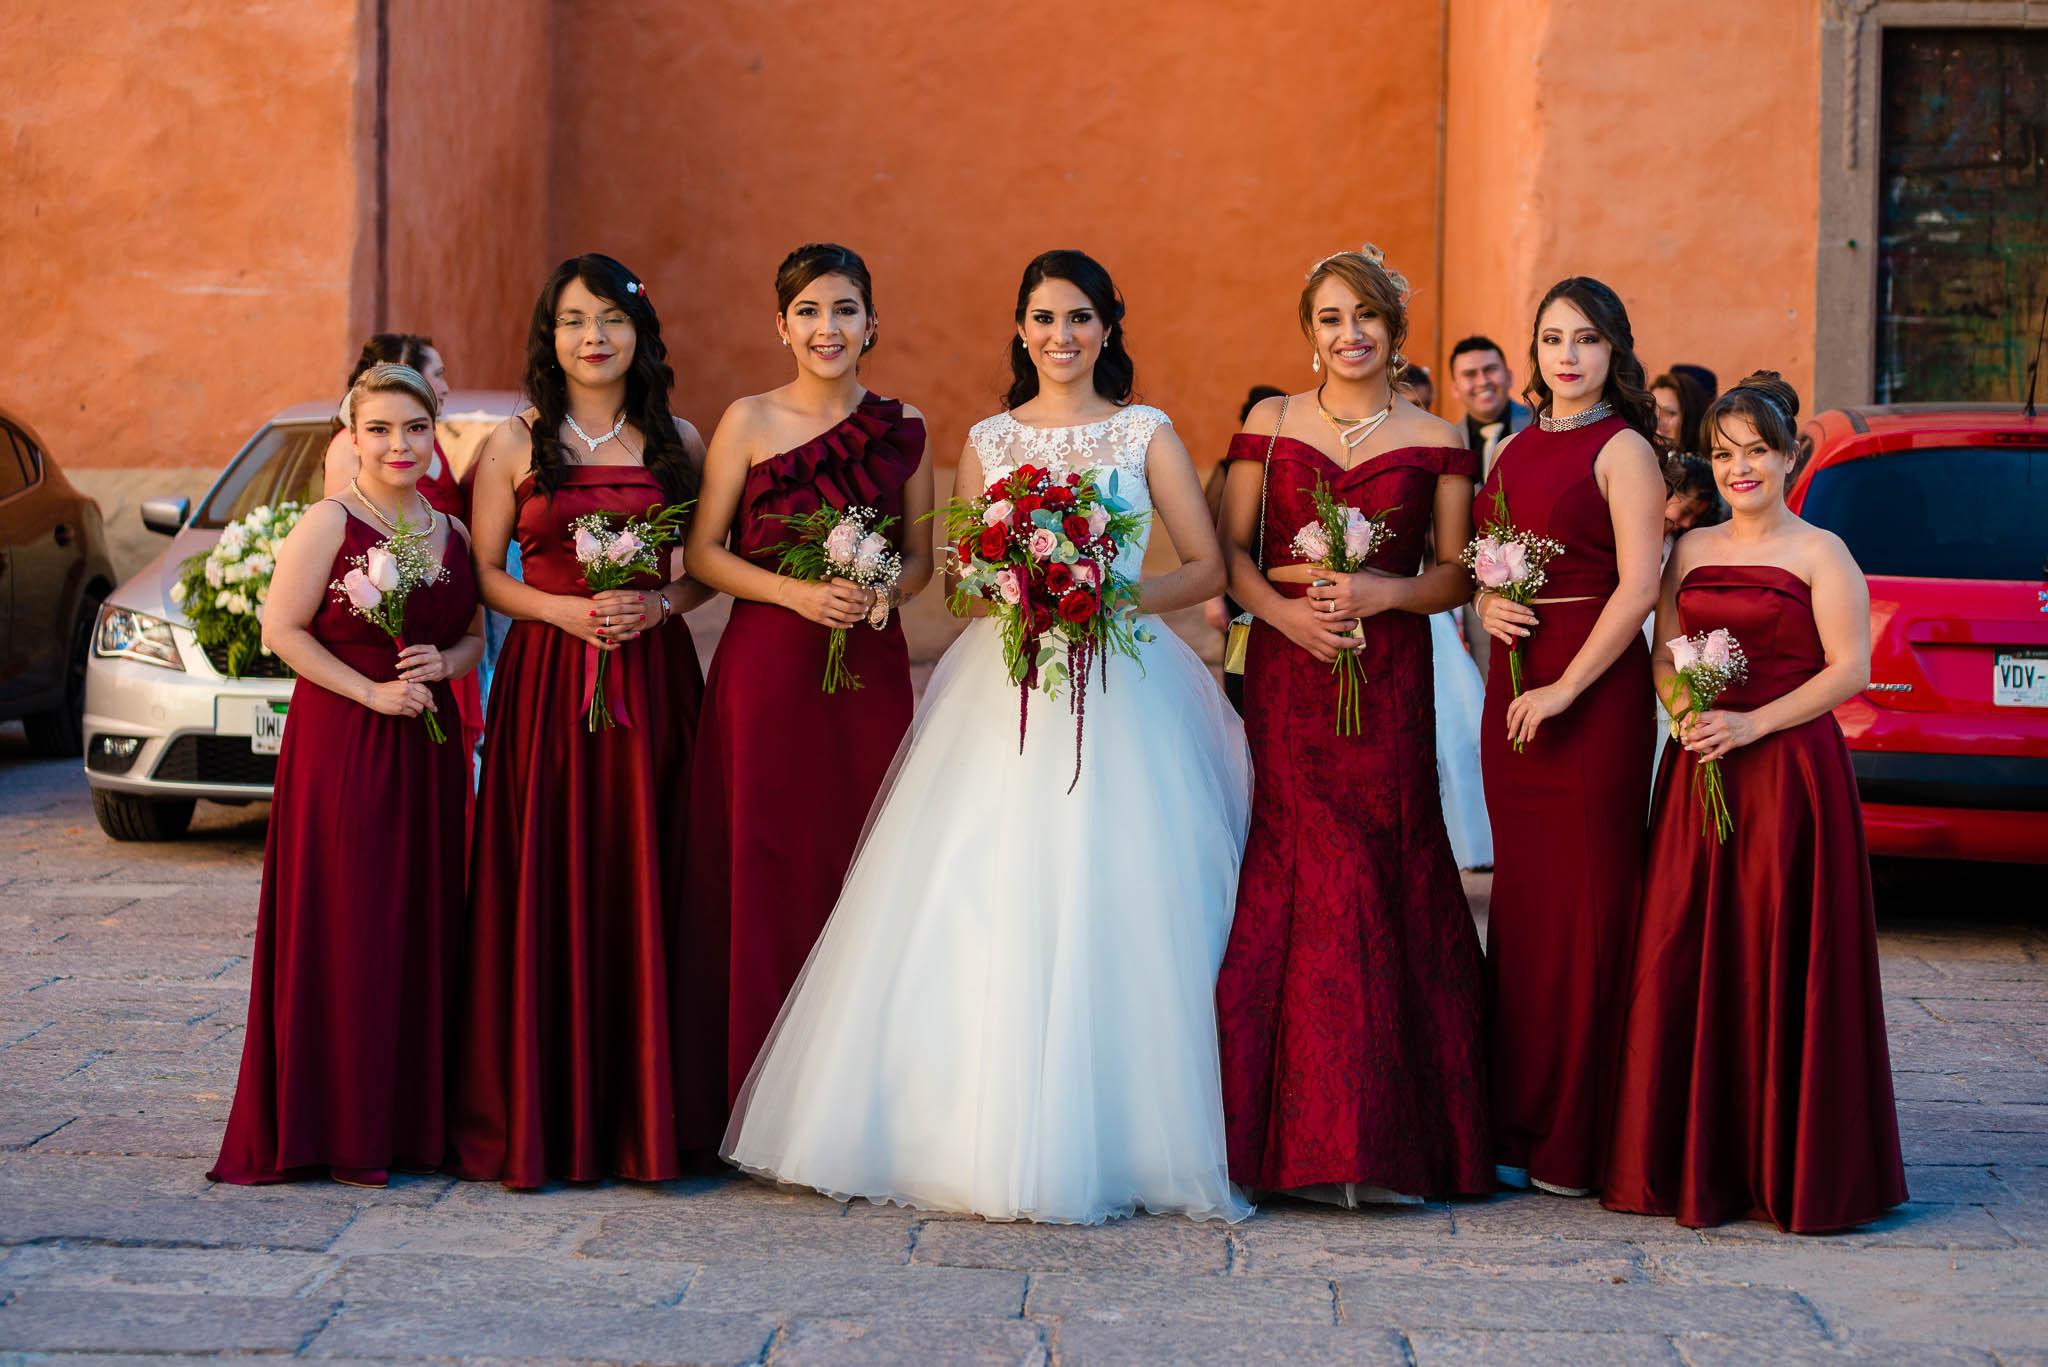 fotografo de bodas san luis potosi boda mexico wedding destination fotos de boda 68